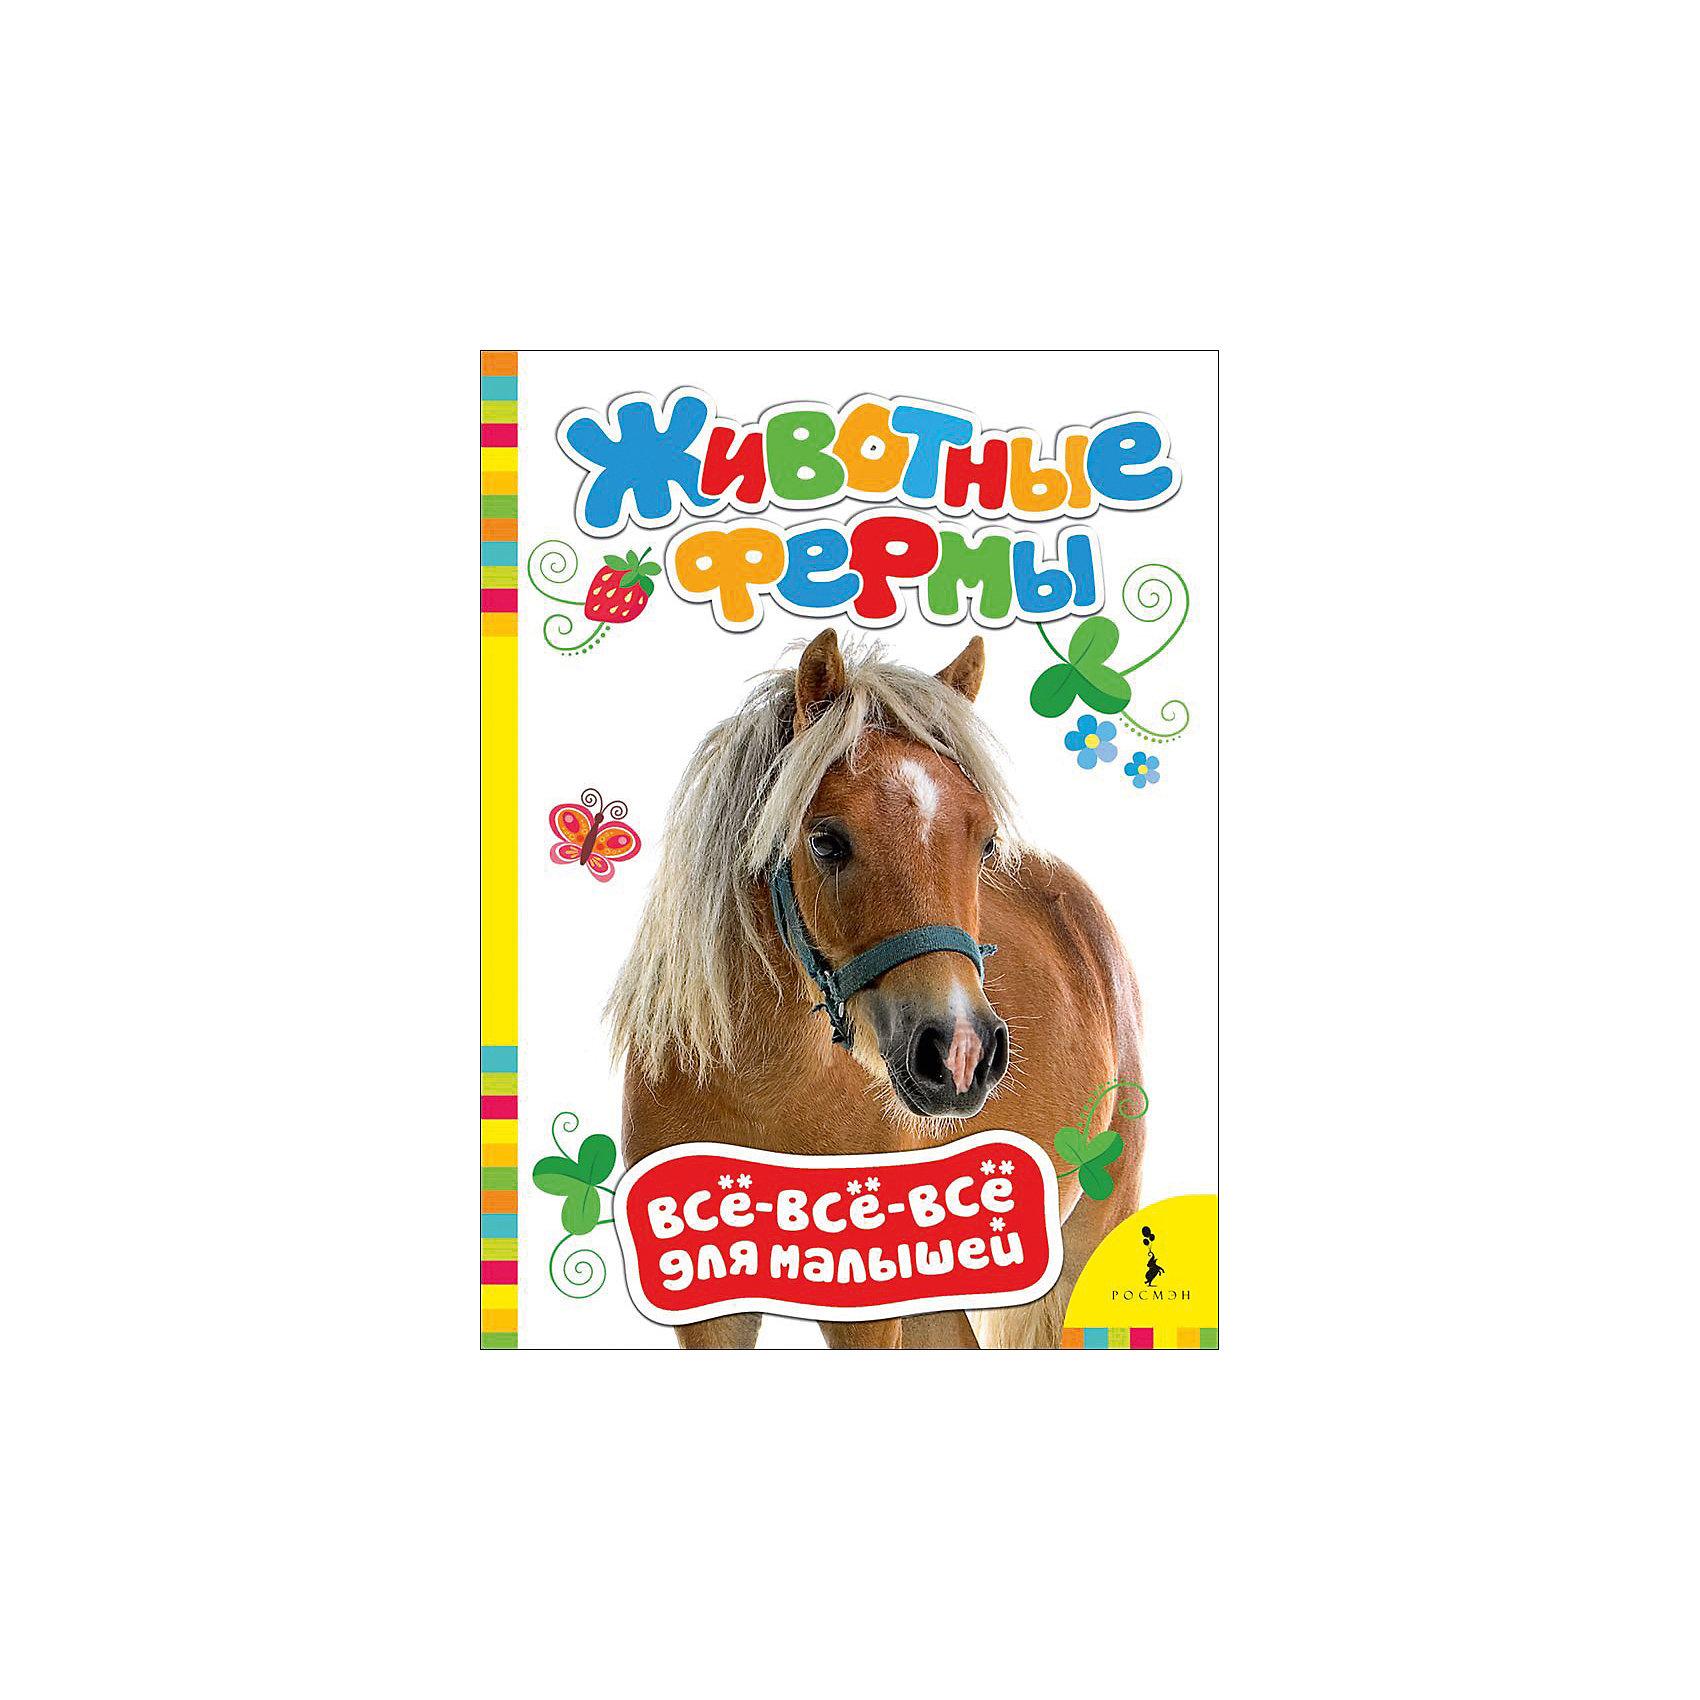 Животные фермы, Всё-всё-всё для малышейПознавательные книжки в серии Всё-всё-всё для малышей предназначены для расширения кругозора ребенка, увеличения словарного запаса, развития навыков общения. Издания проиллюстрированы красочными фотографиями, содержат вопросы и задания и являются замечательными пособиями для занятий с малышом.<br><br>Ширина мм: 220<br>Глубина мм: 160<br>Высота мм: 5<br>Вес г: 111<br>Возраст от месяцев: 0<br>Возраст до месяцев: 36<br>Пол: Унисекс<br>Возраст: Детский<br>SKU: 5110248